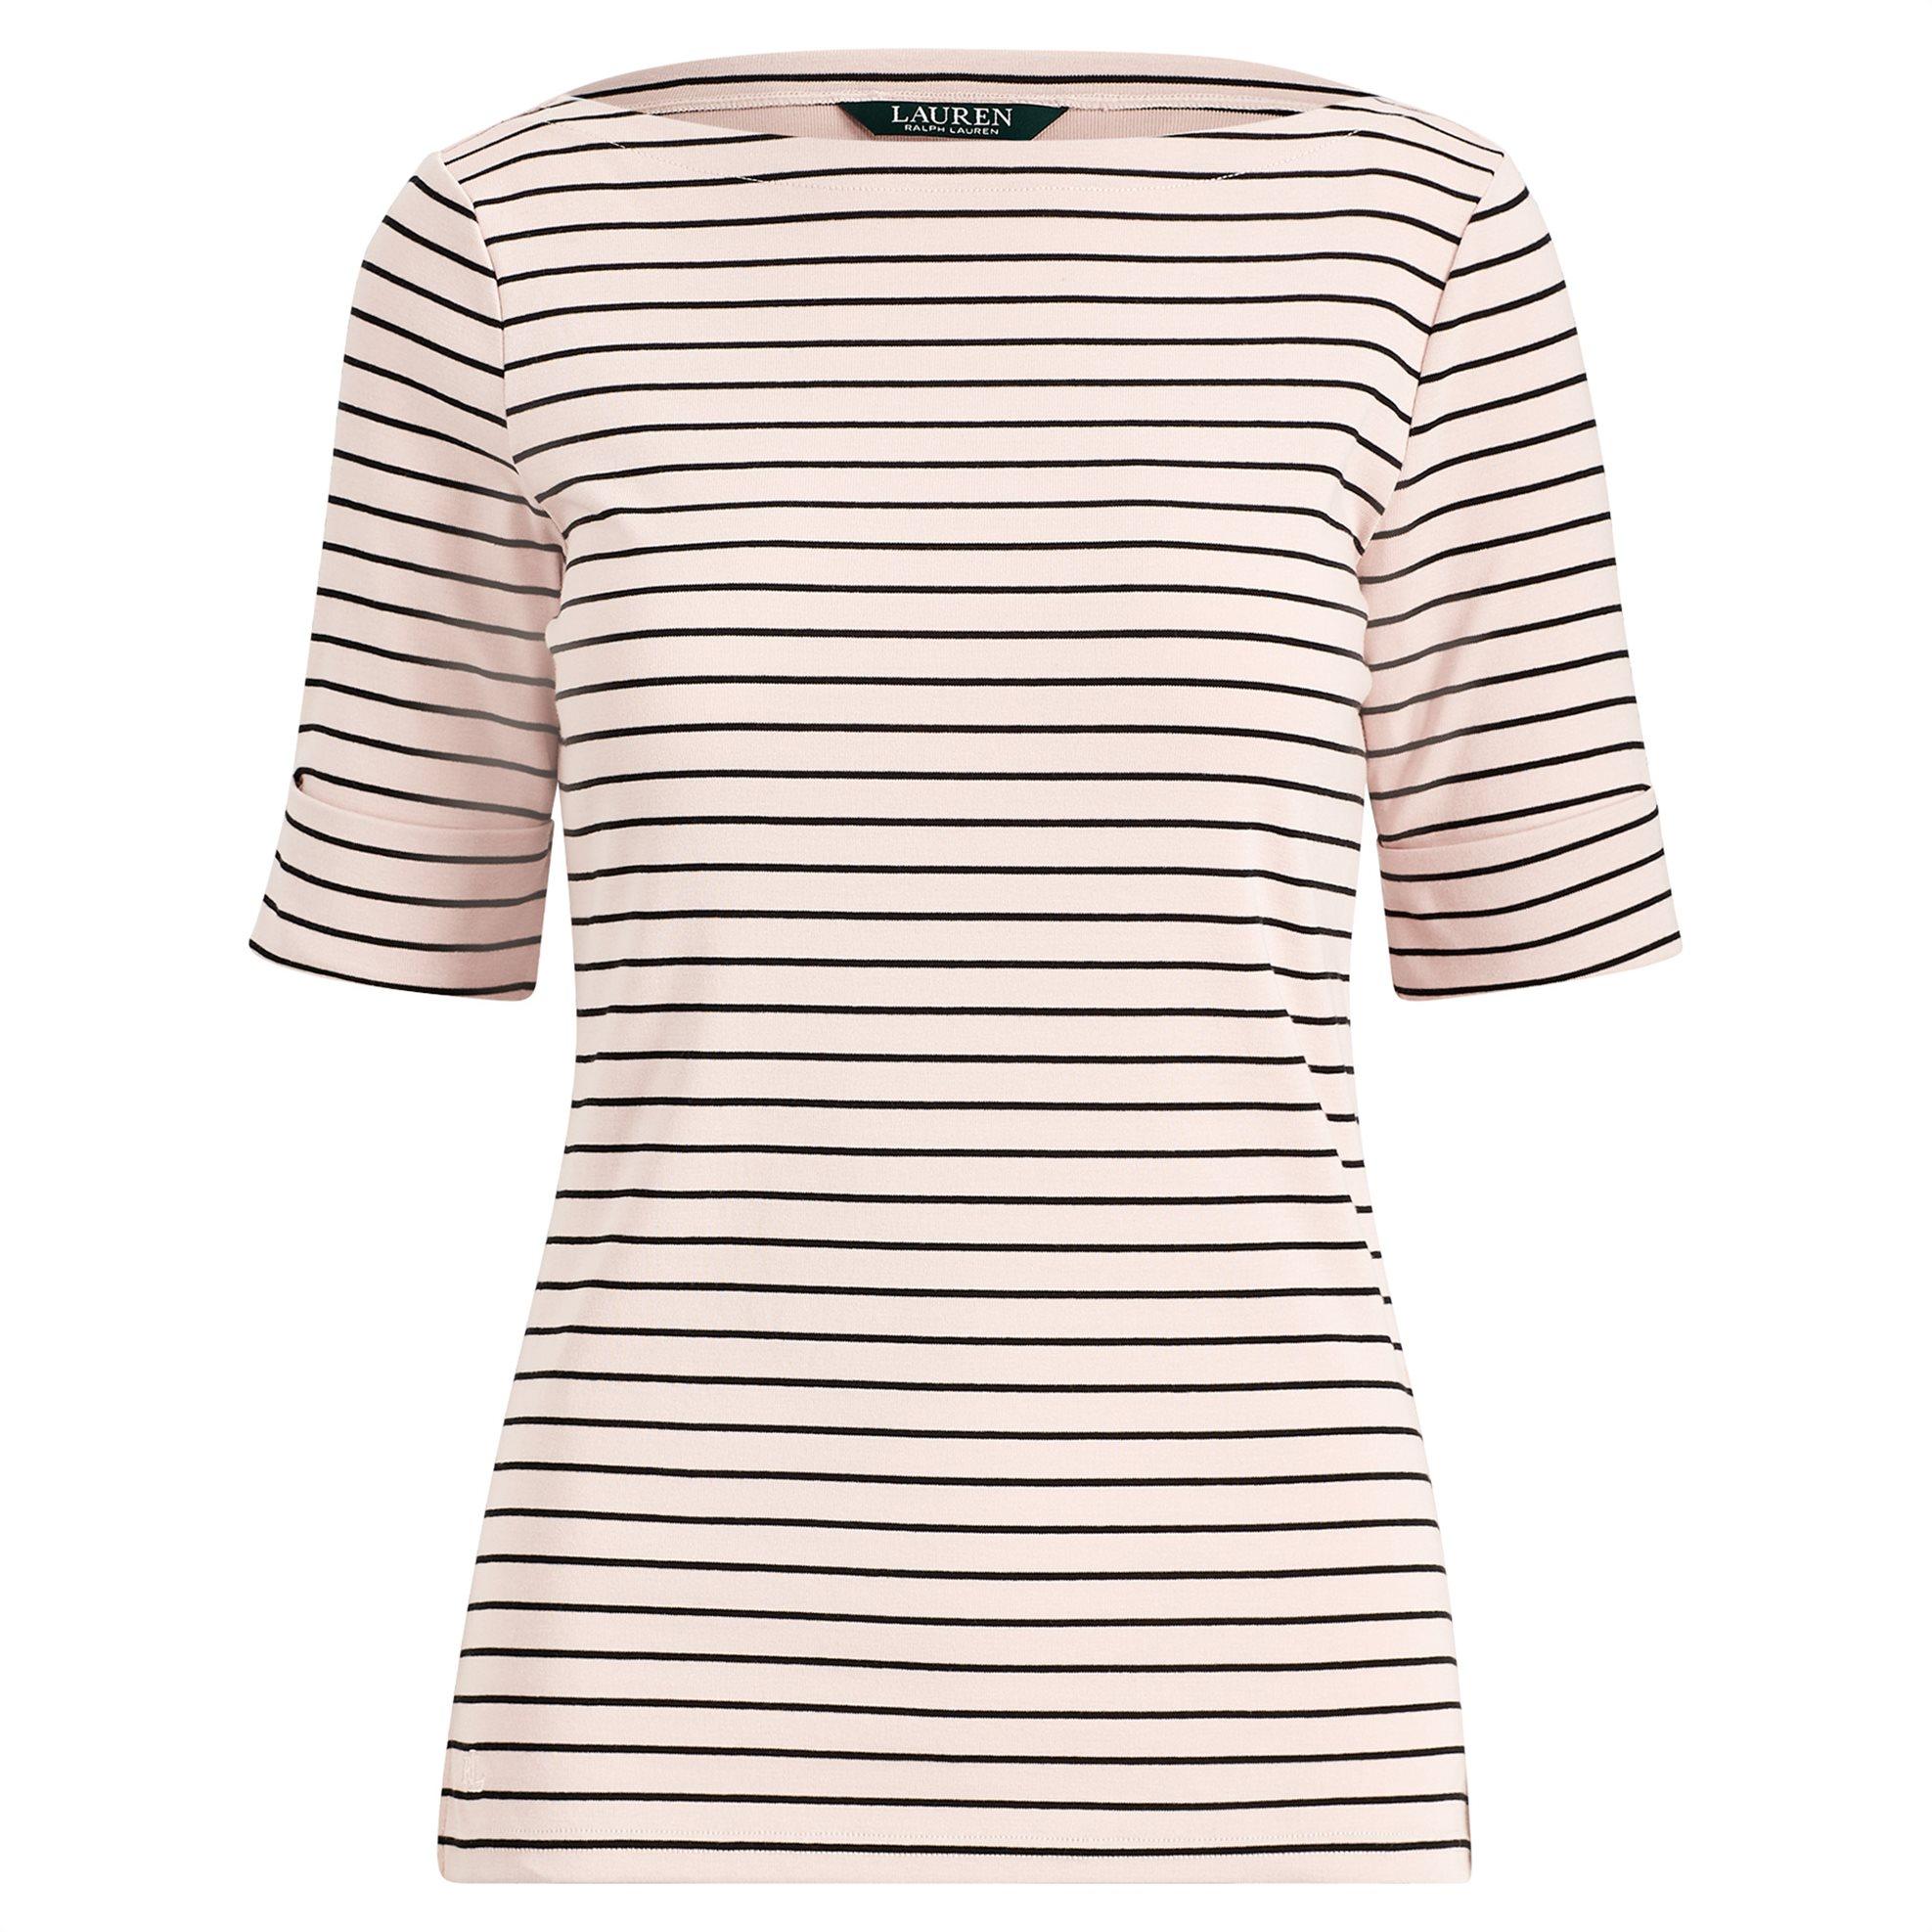 Lauren Ralph Lauren γυναικεία μπλούζα Cotton Boatneck Top Demure Pink - 20070907 γυναικα   ρουχα   tops   μπλούζες   casual